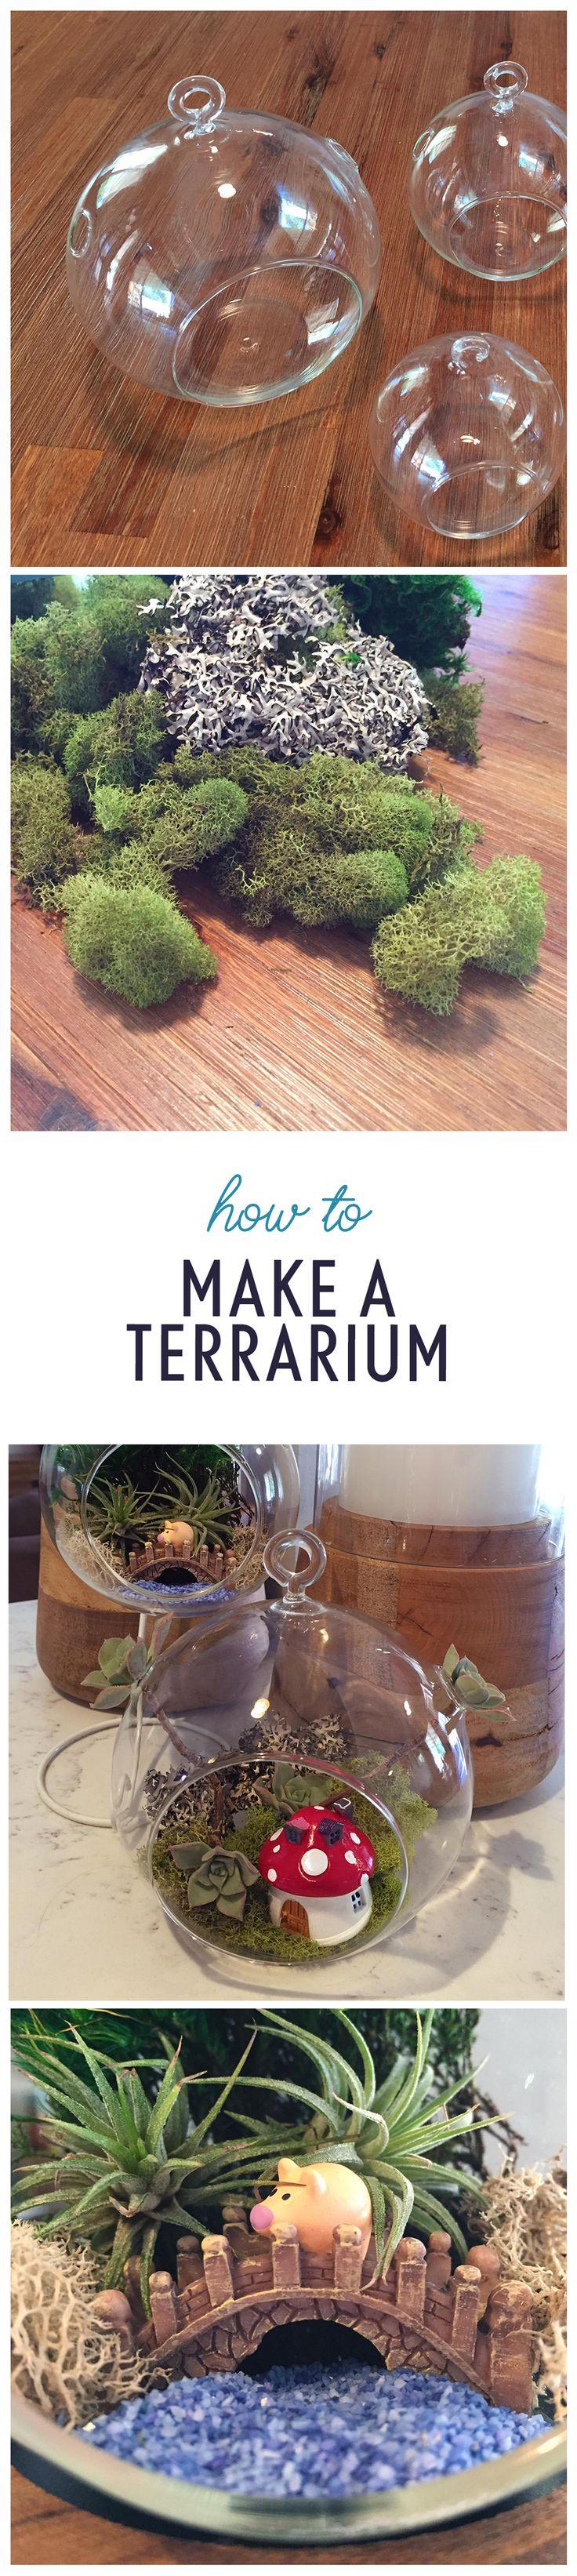 terrarium guide